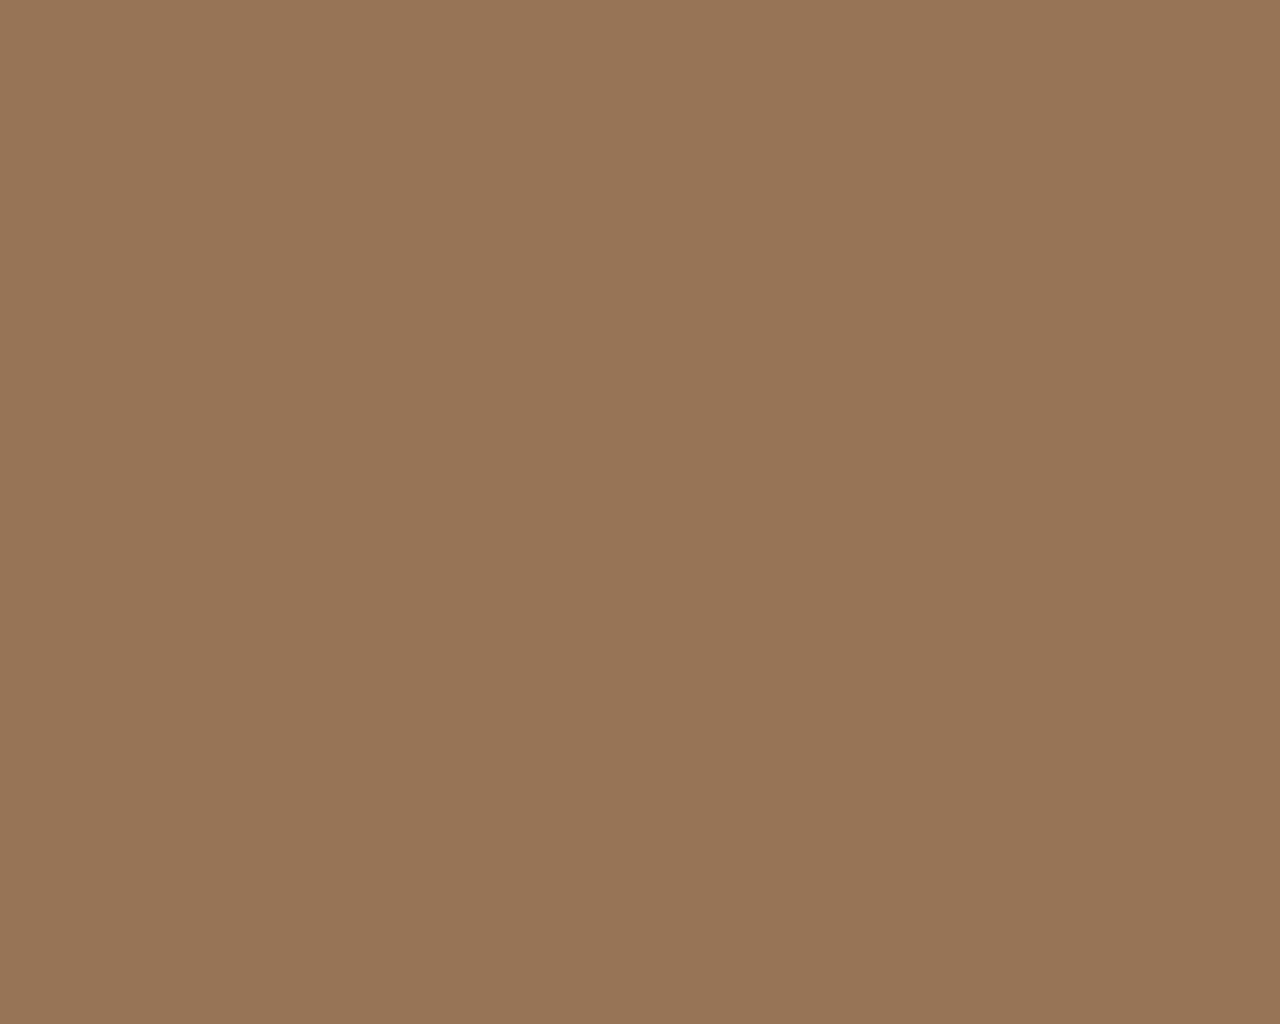 1280x1024 Liver Chestnut Solid Color Background